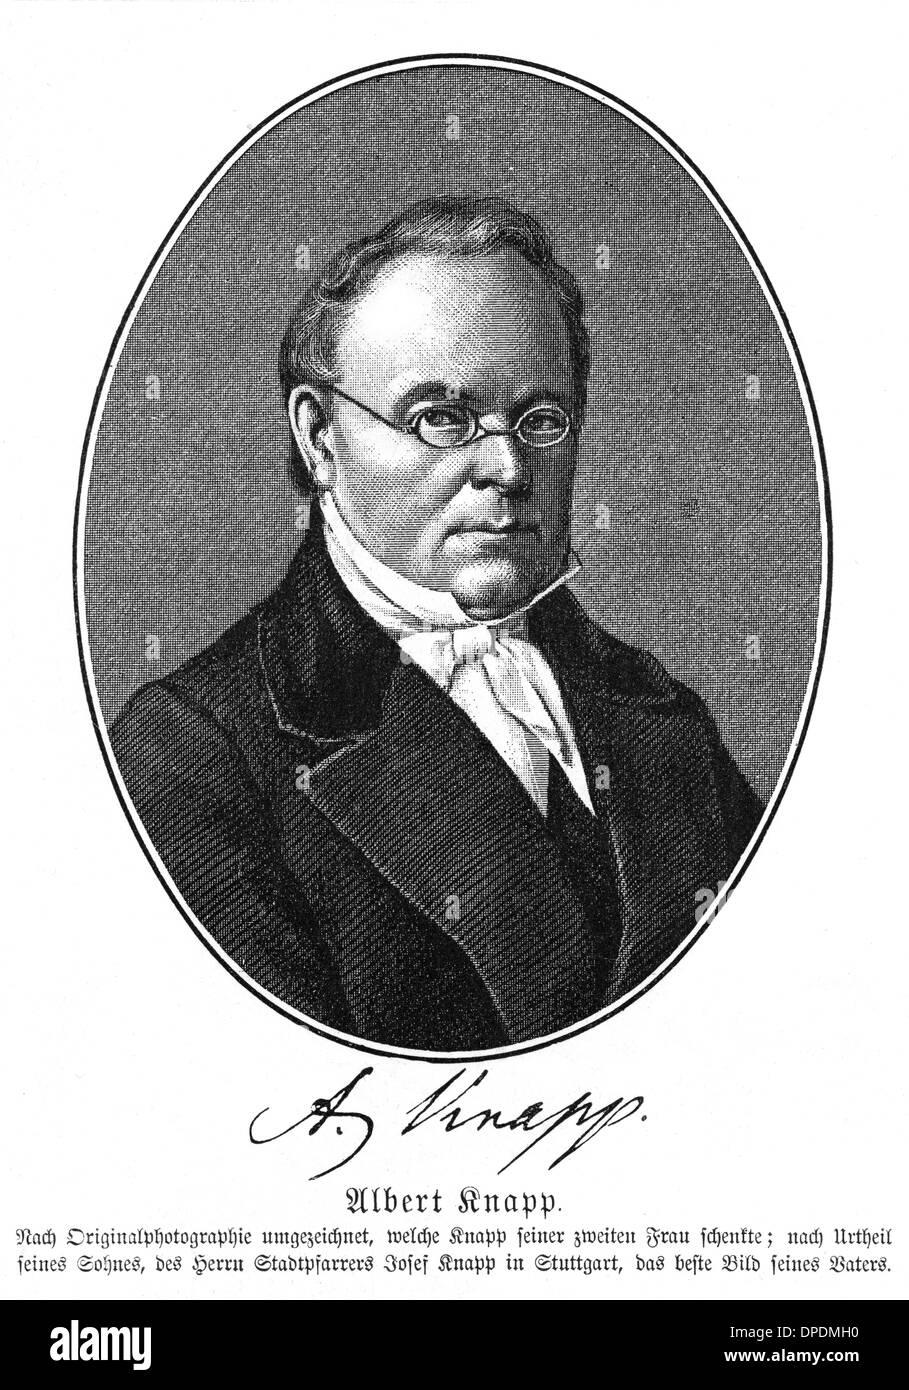 ALBERT KNAPP - Stock Image